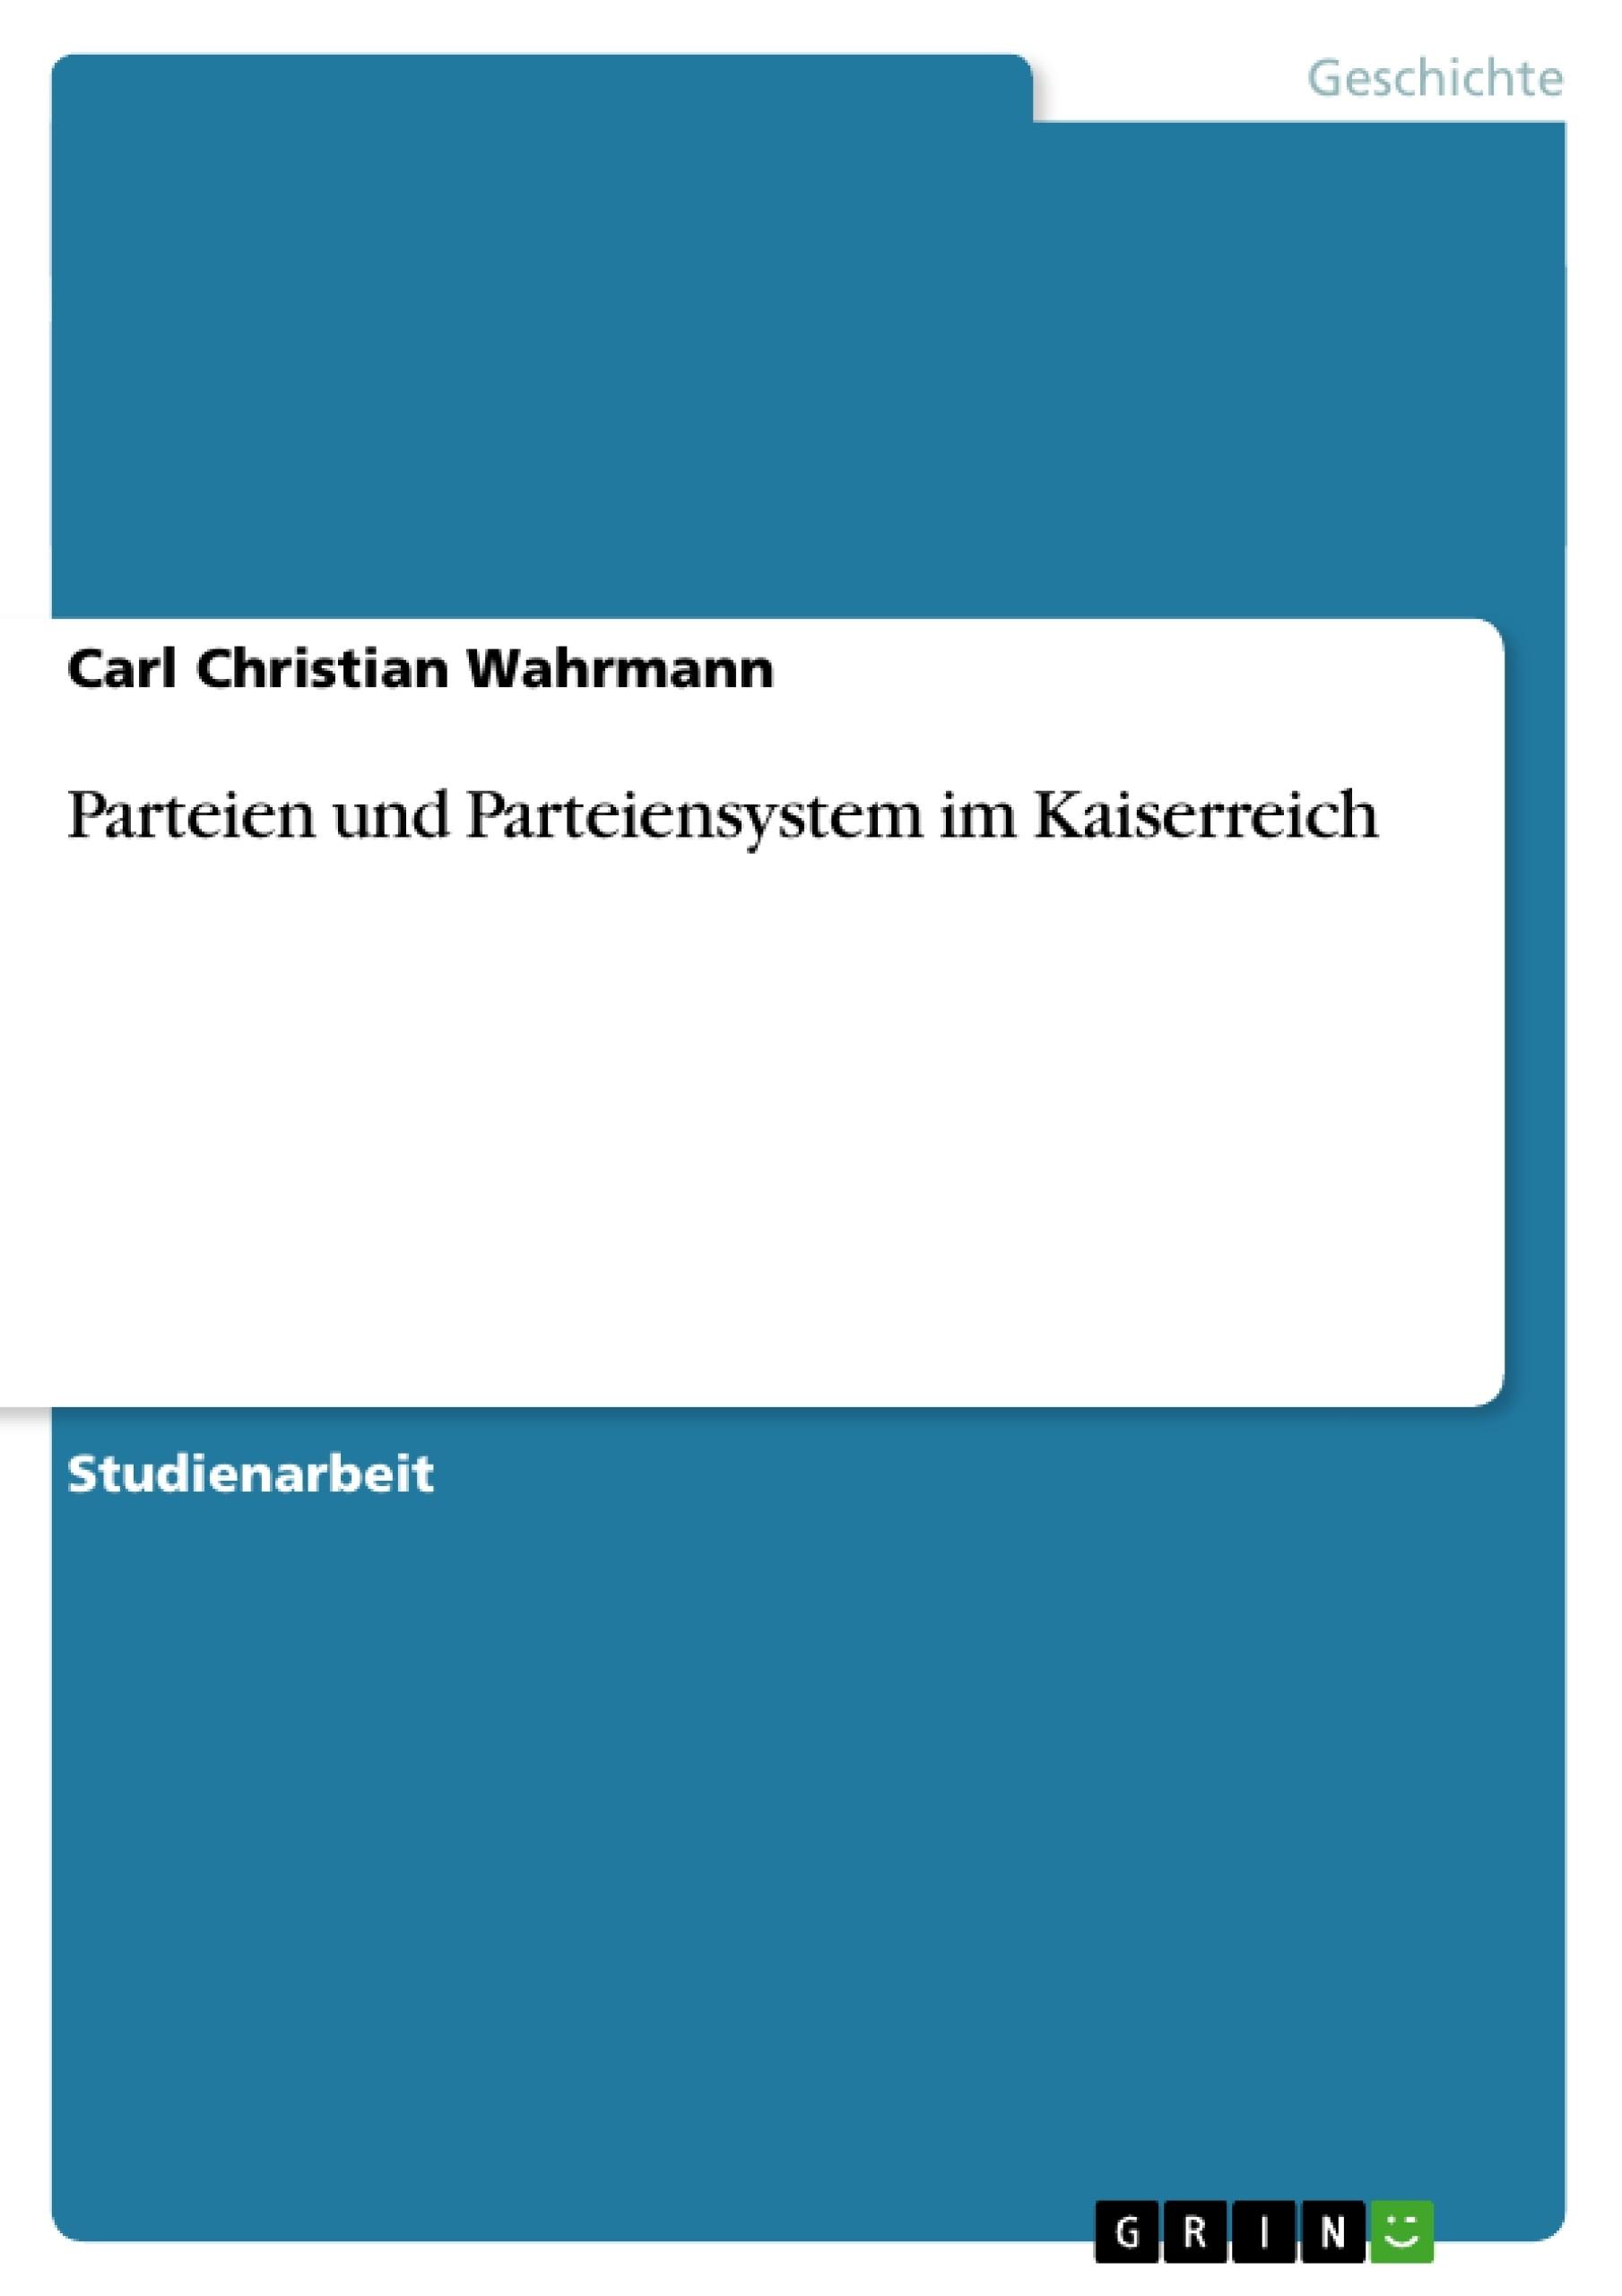 Titel: Parteien und Parteiensystem im Kaiserreich